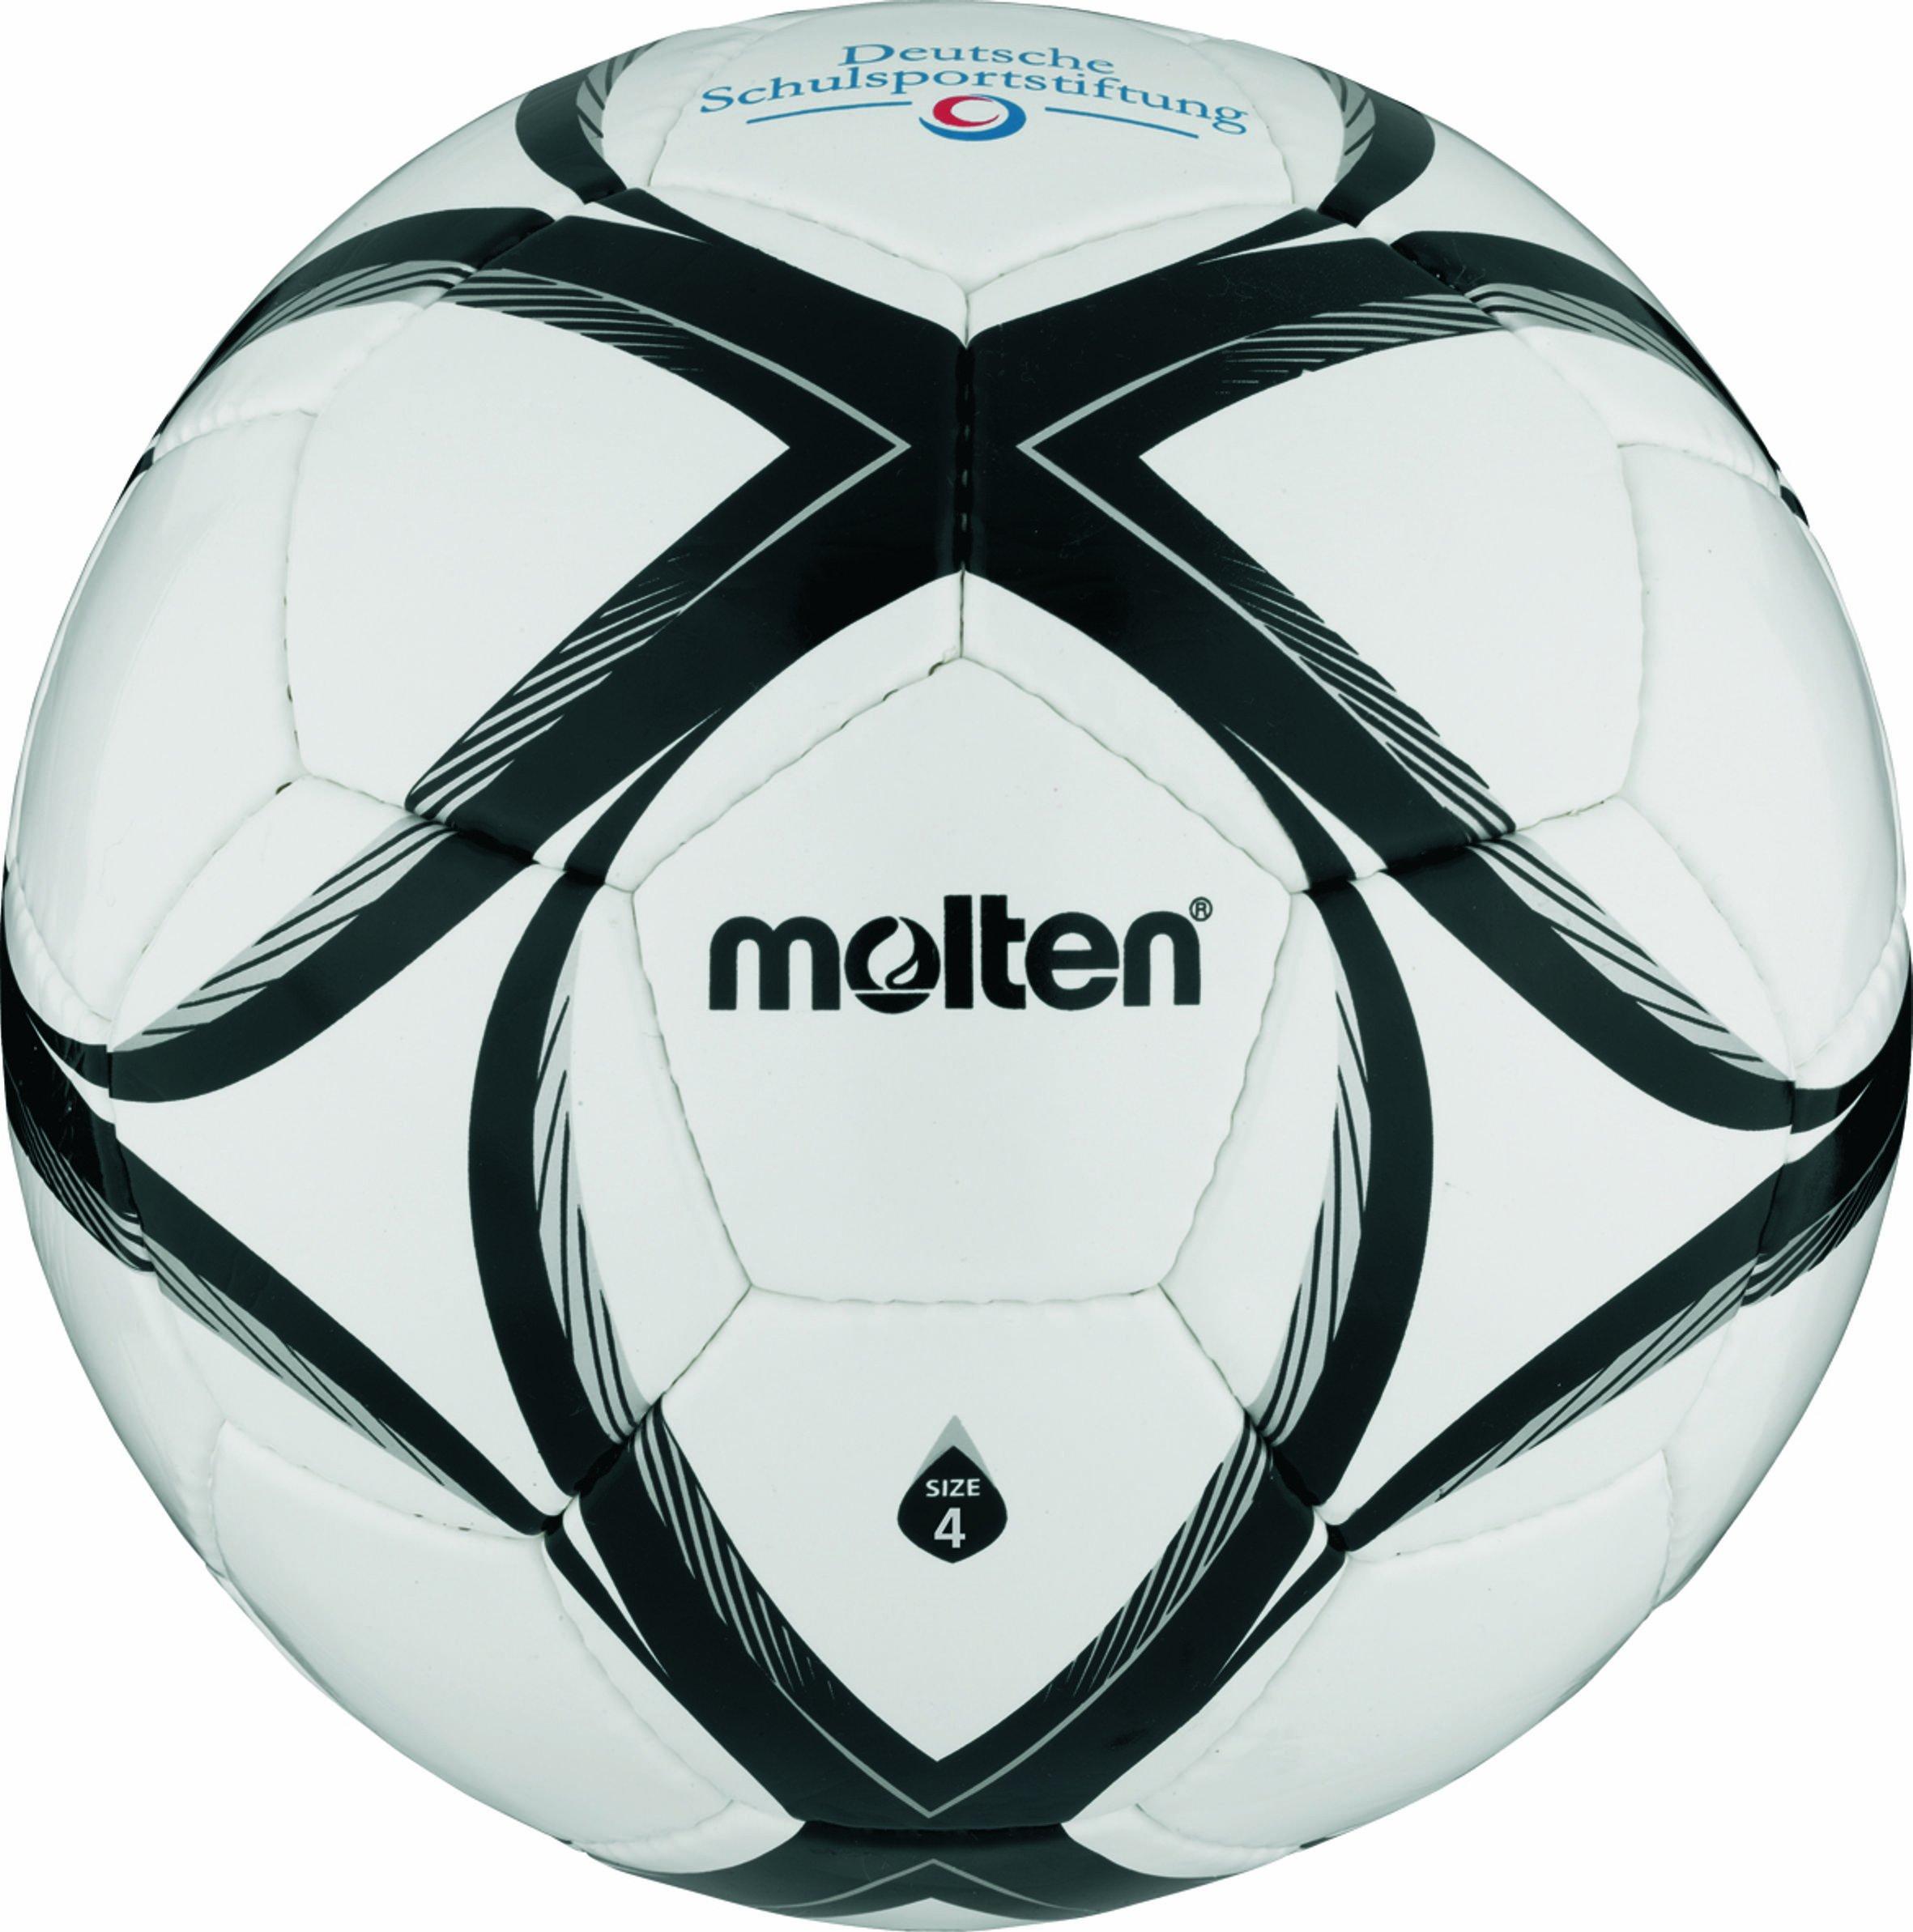 Molten - FXST4, Pallone da calcio, colore: Bianco/Nero/Arancione